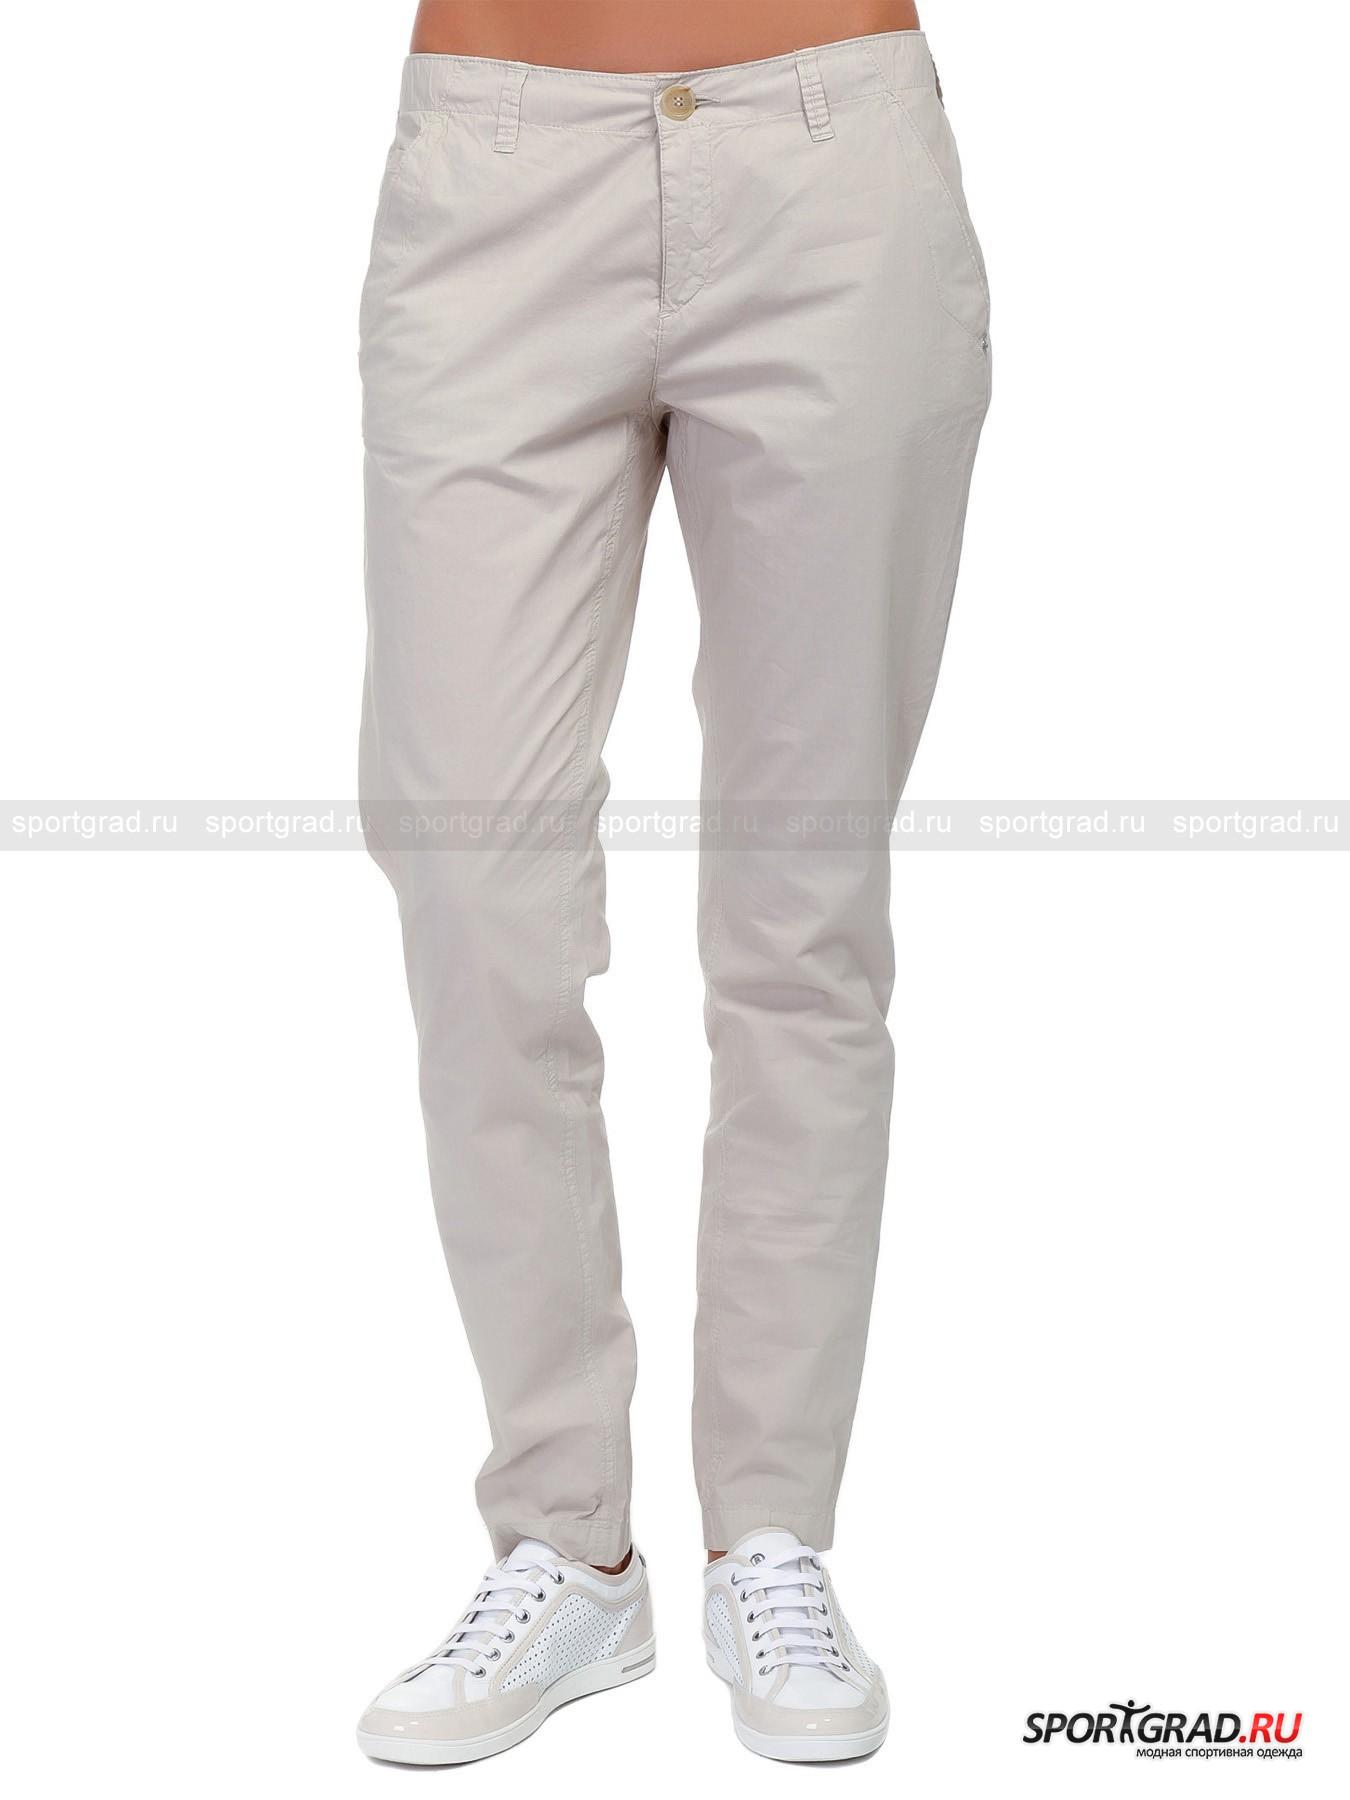 Брюки женские AZILA-G BOGNERБрюки<br>Лёгкие хлопковые брюки зауженного кроя от BOGNER выдержаны в довольно строгом стиле и способны сделать Вашу фигуру не только объектом восхищения мужчин, но и предметом зависти женщин. В них Ваши ножки будут выглядеть эффектно, к тому же такой крой не будет стеснять движений. Мягкая хлопковая ткань, из которой сшиты брюки, приятна телу, гипоаллергенна, к тому же в ней кожа может дышать.  Данная модель практически не имеет элементов декора, разве что стильную кожаную нашивку с металлическим логотипом BOGNER и двумя стразами. Сзади расположены 2 прорезных кармана, а спереди 2 кармана с косым входом и стильной отделкой входа. Миниатюрный кармашек на фирменной металлической кнопке спрятан внутри правого переднего и лишь слегка выглядывает. Модель также снабжена шлёвками для пояса и ширинкой на молнии. Брюки доступны в двух цветах: пастельном бежевом и насыщенным синем.<br><br>Пол: Женский<br>Возраст: Взрослый<br>Тип: Брюки<br>Рекомендации по уходу: Ручная стирка при 30 градусах, щадящий отжим, гладить при низкой температуре.<br>Состав: 98% хлопок; 2% полиуретан.